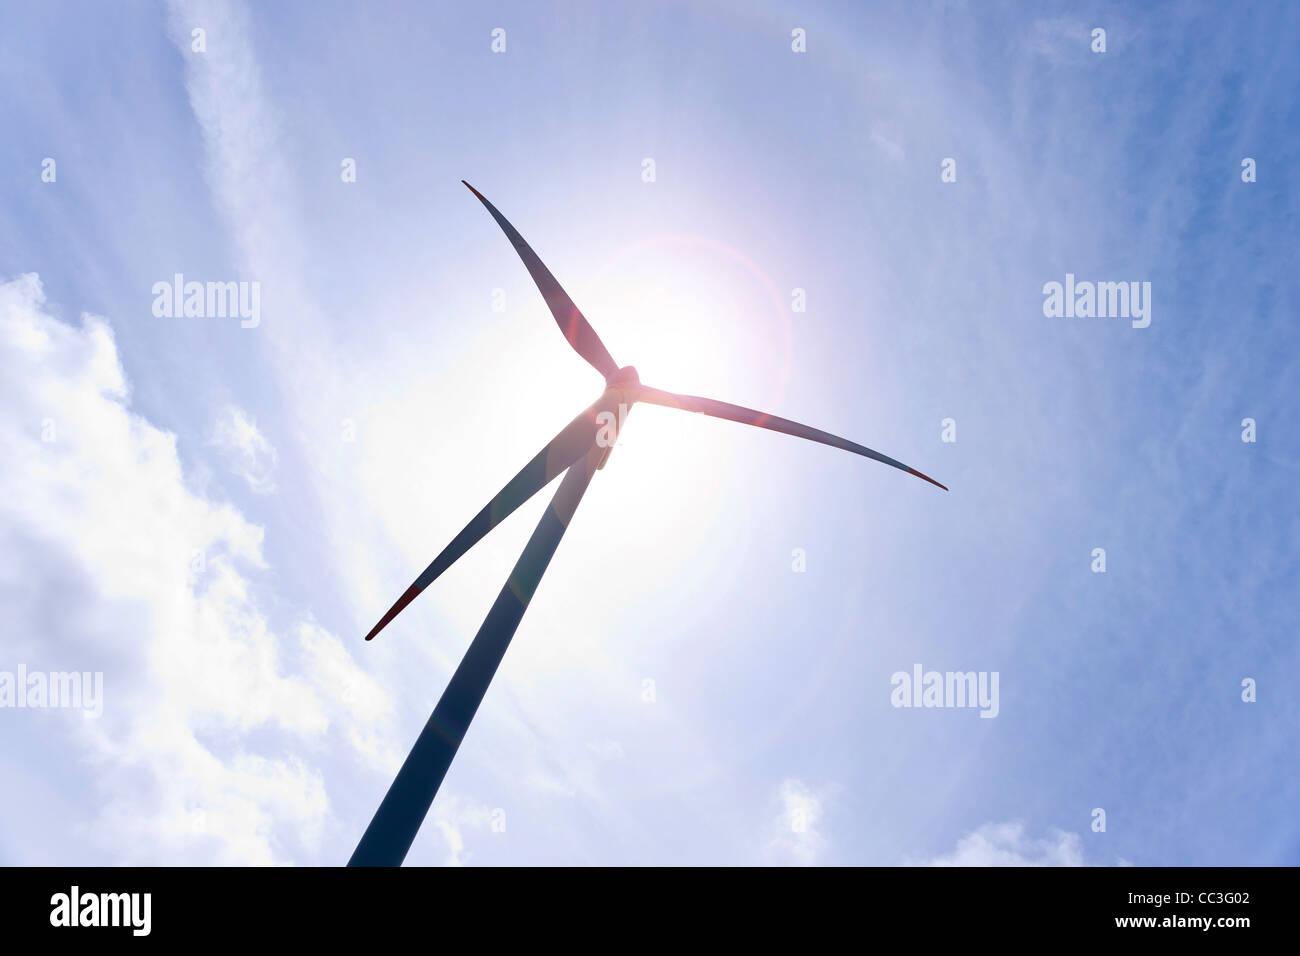 La energía eólica Imagen De Stock